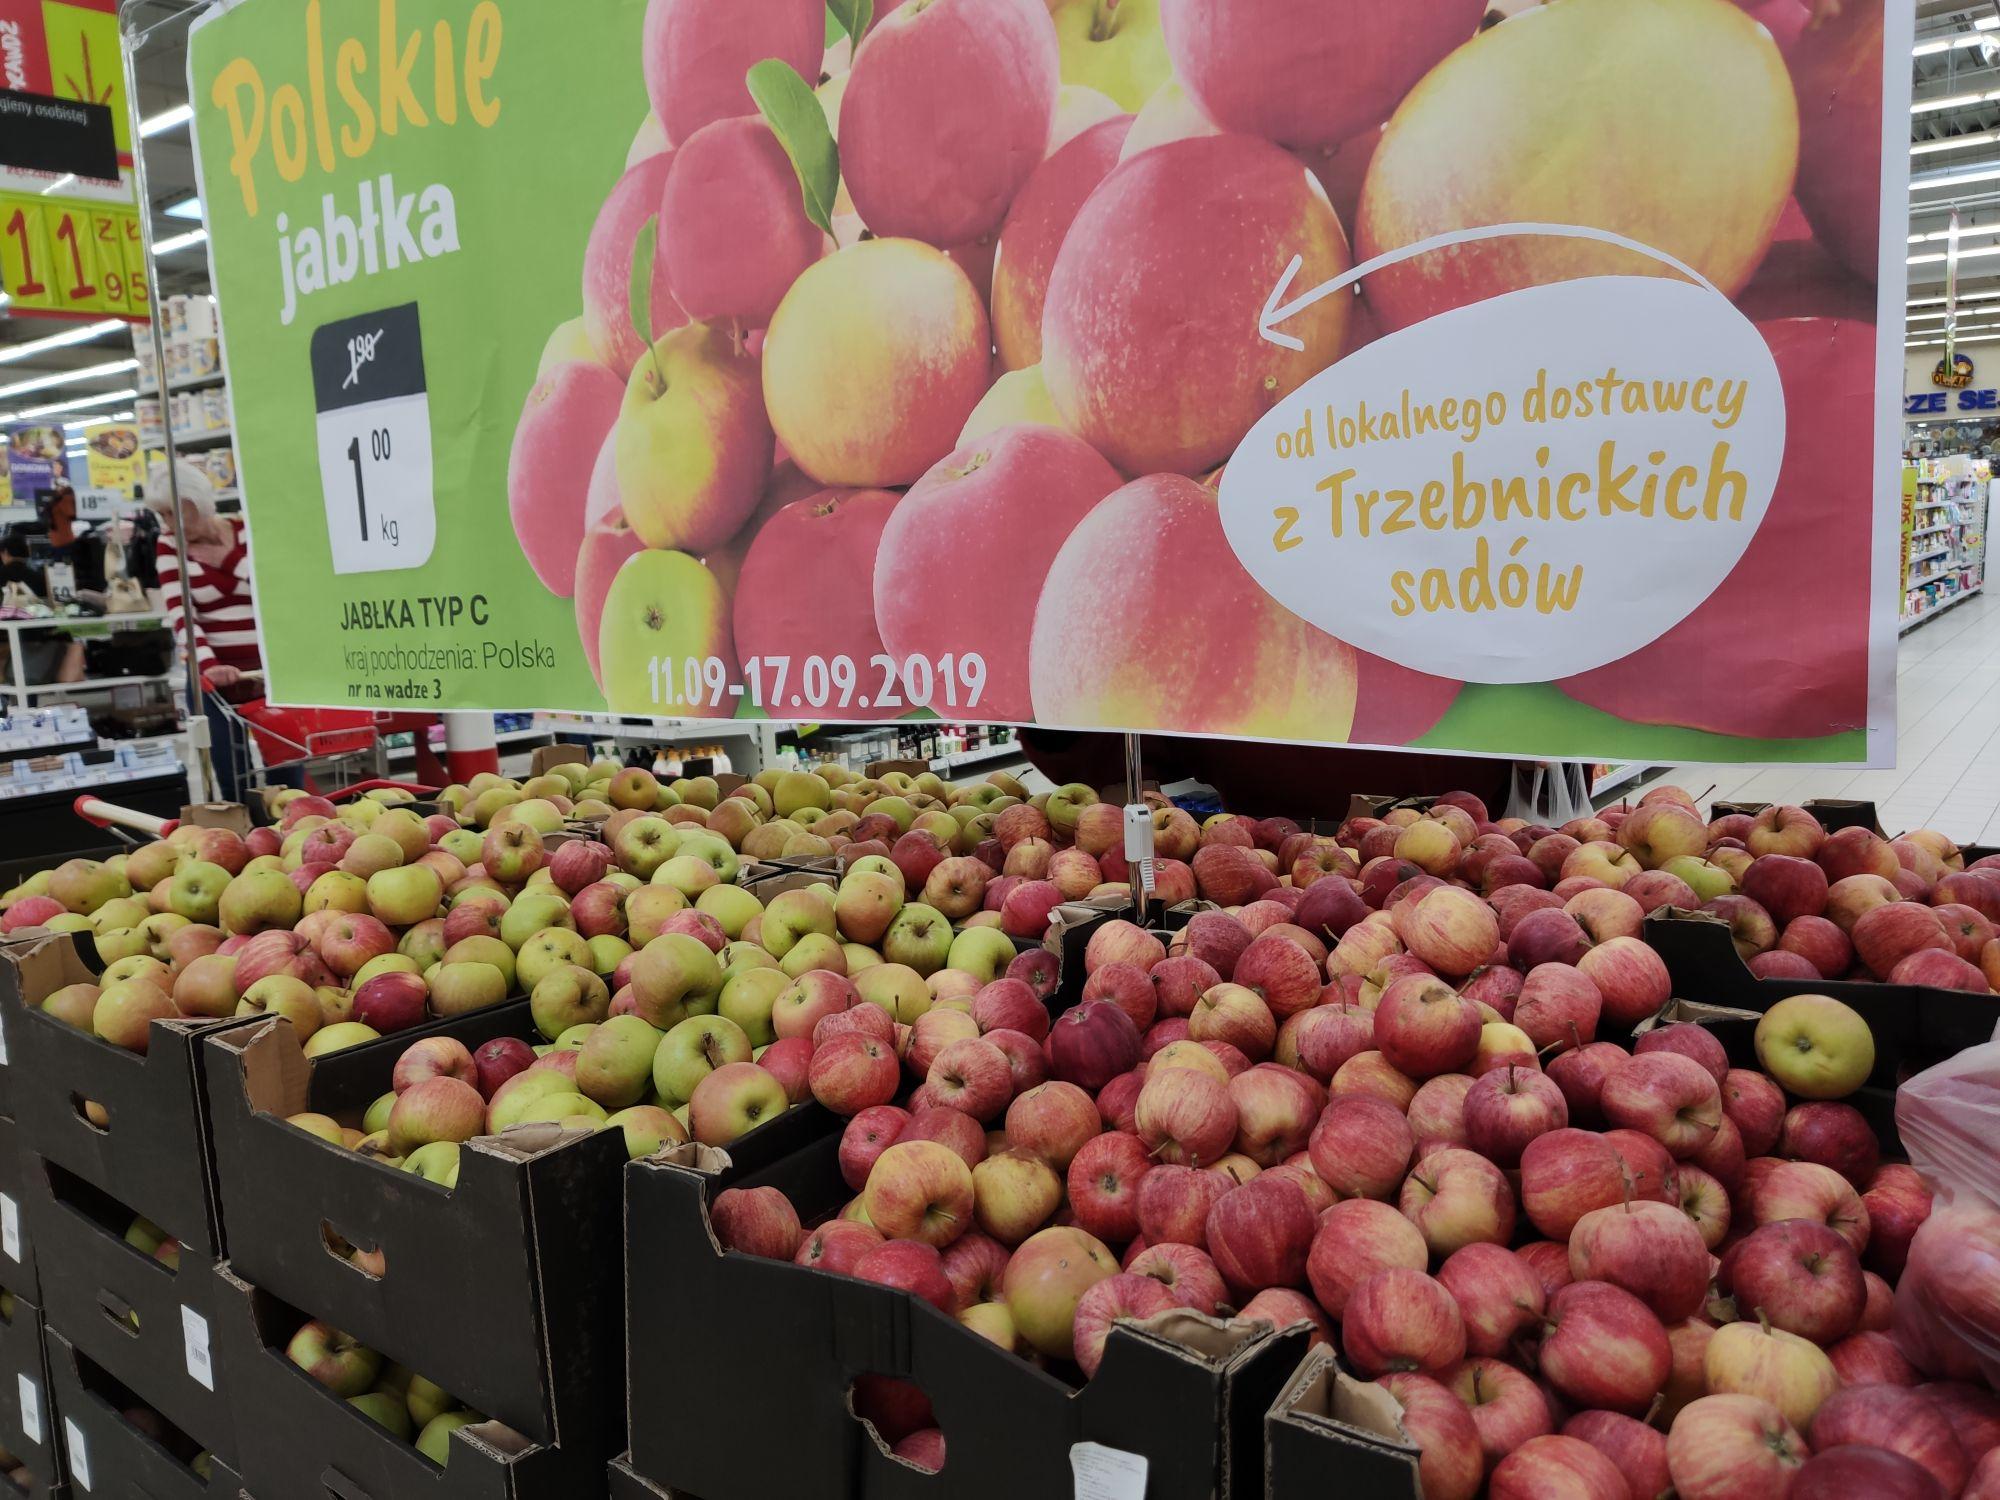 Jabłka polskie B1 Legnica